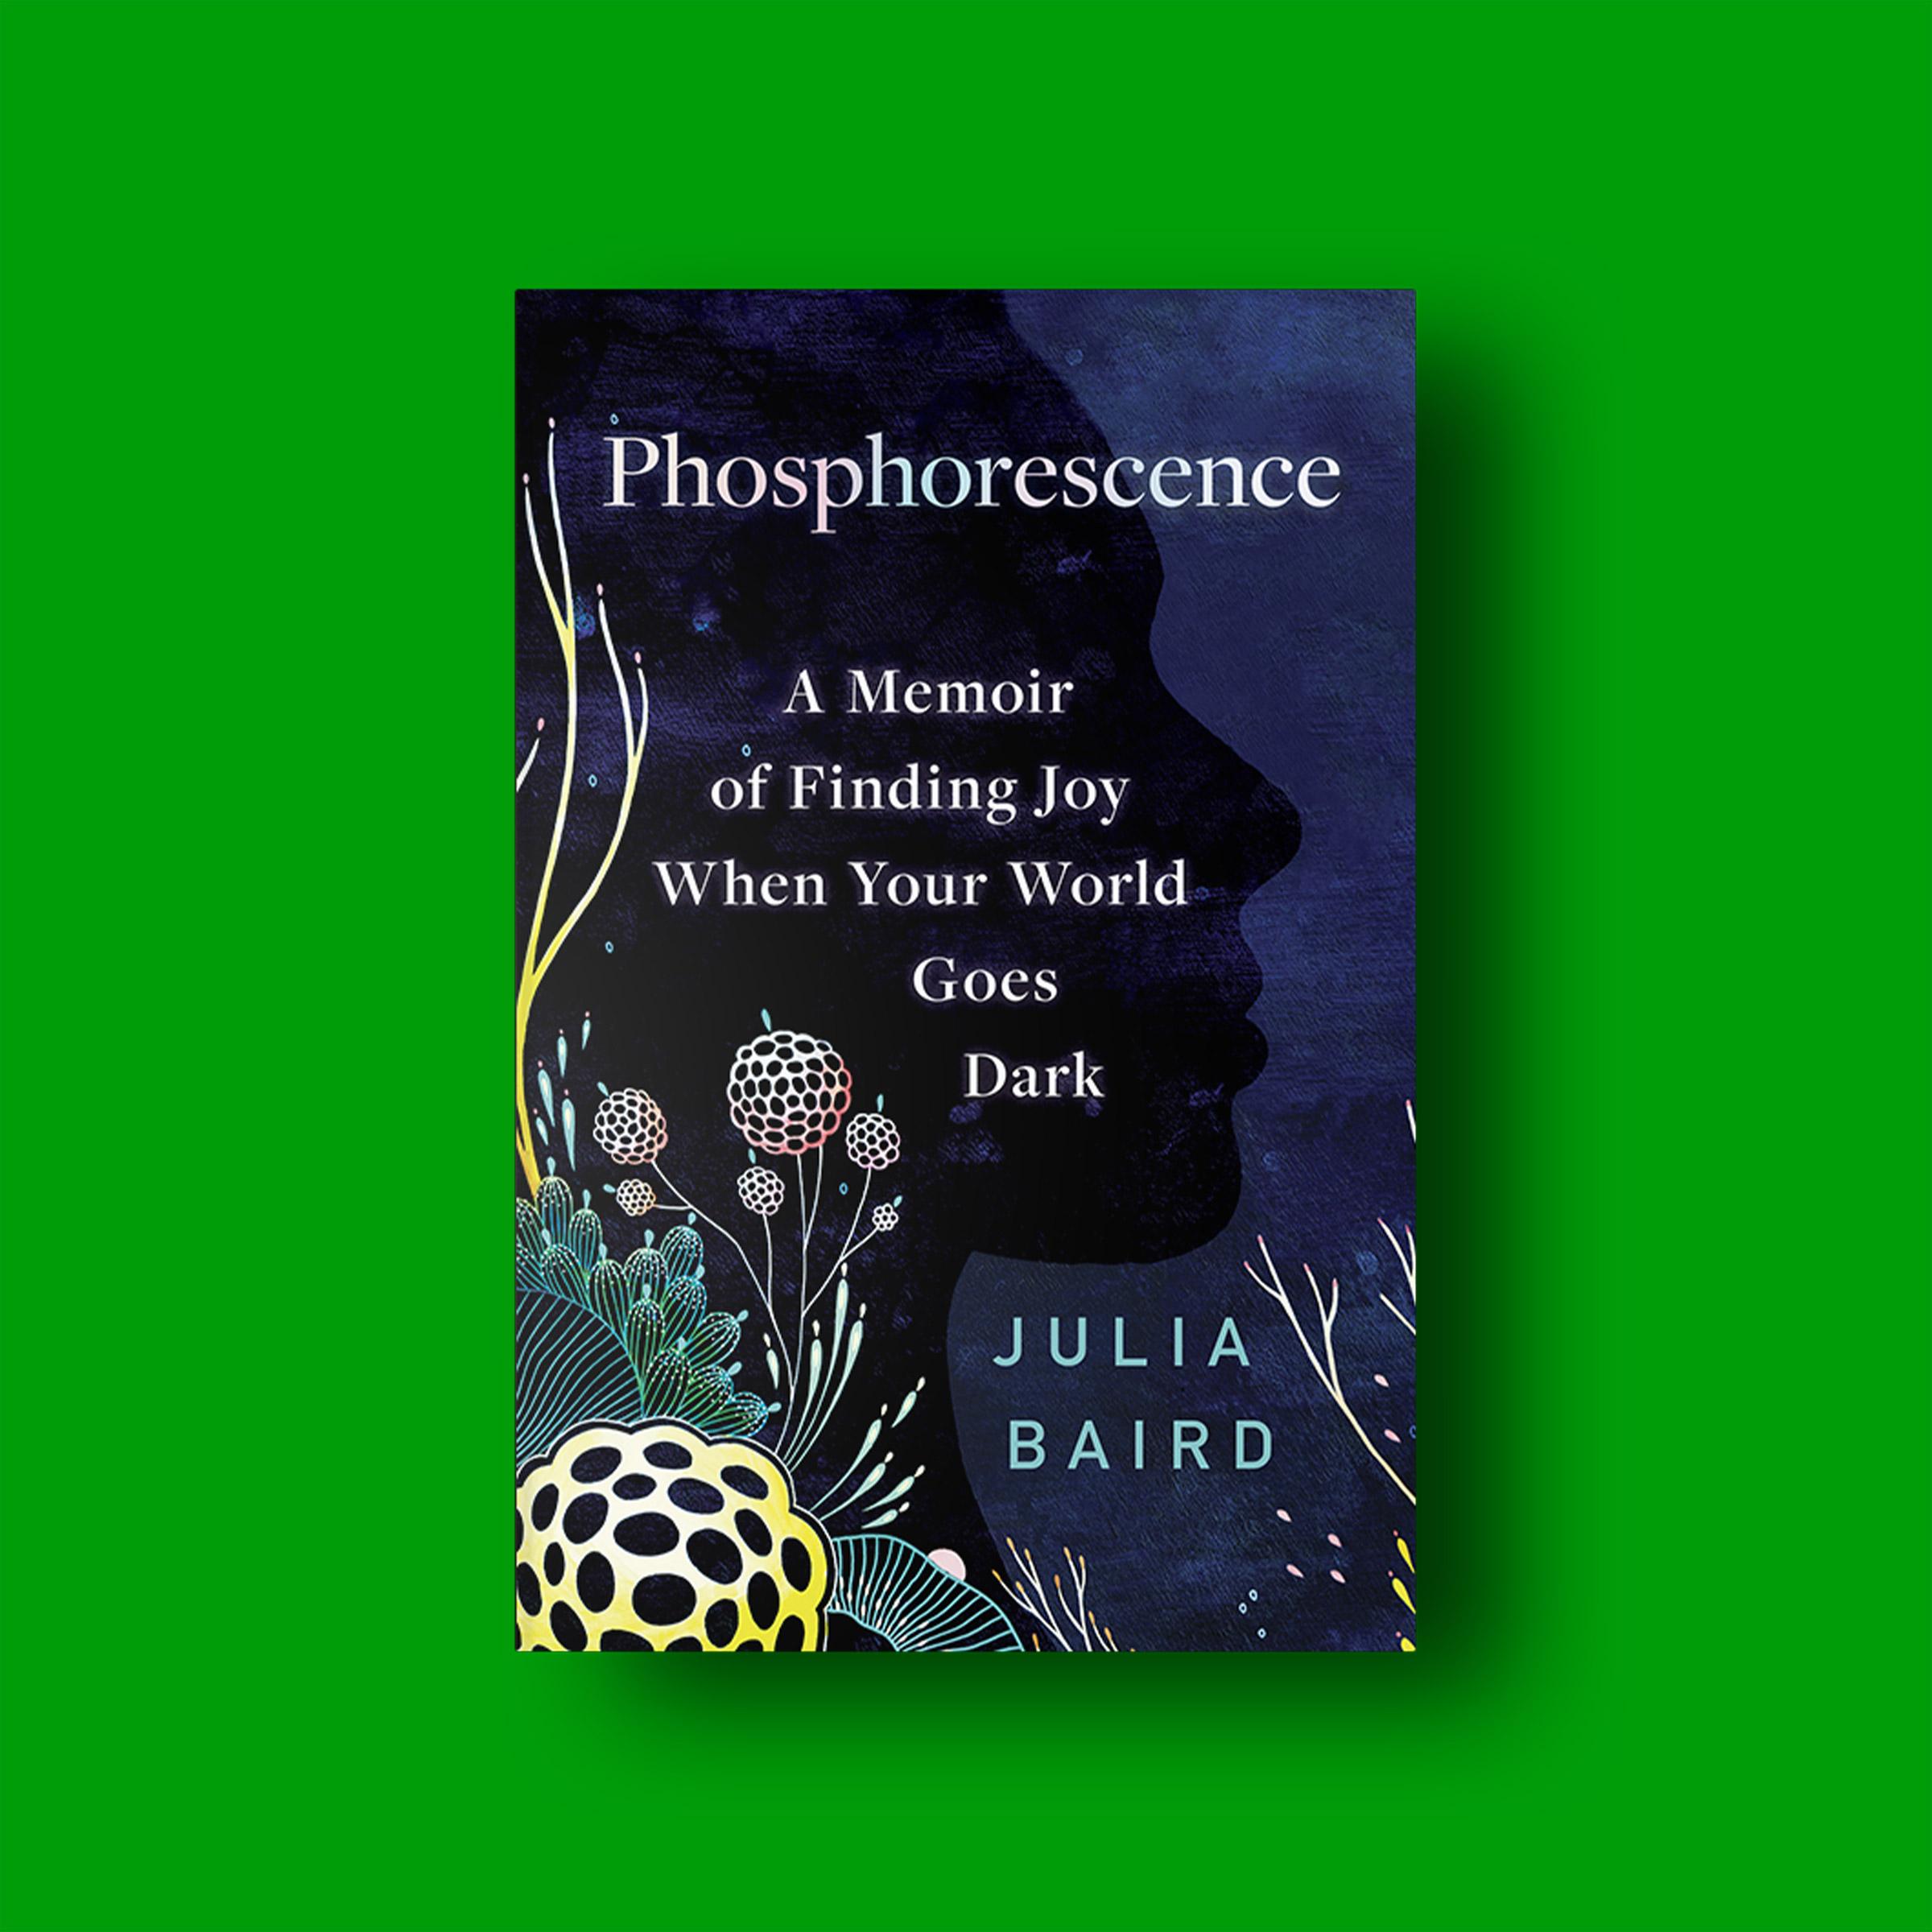 Phosphorescence Excerpt